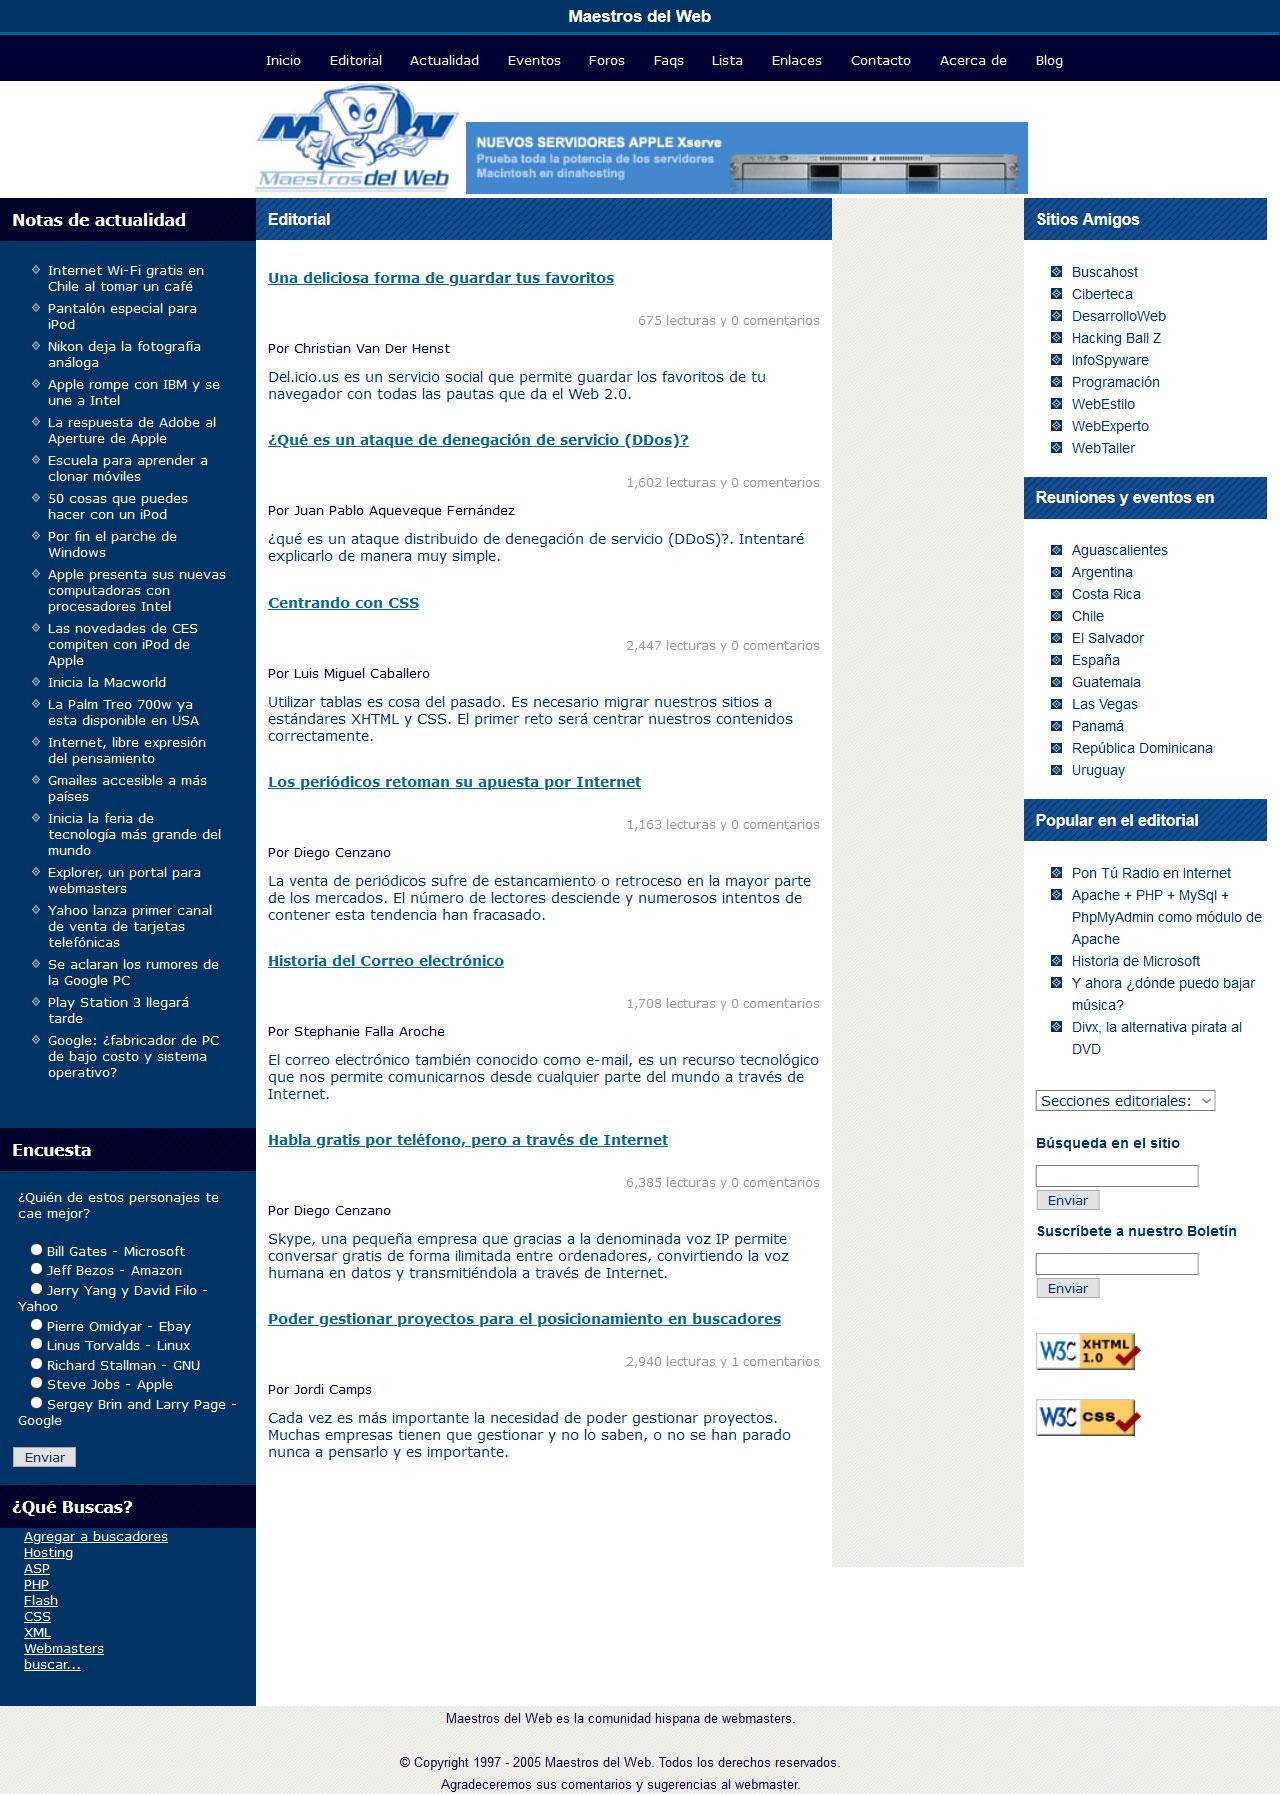 Competencia rediseño portal Maestrosdelweb. Html, Css, Accesibilidad. Año 2006